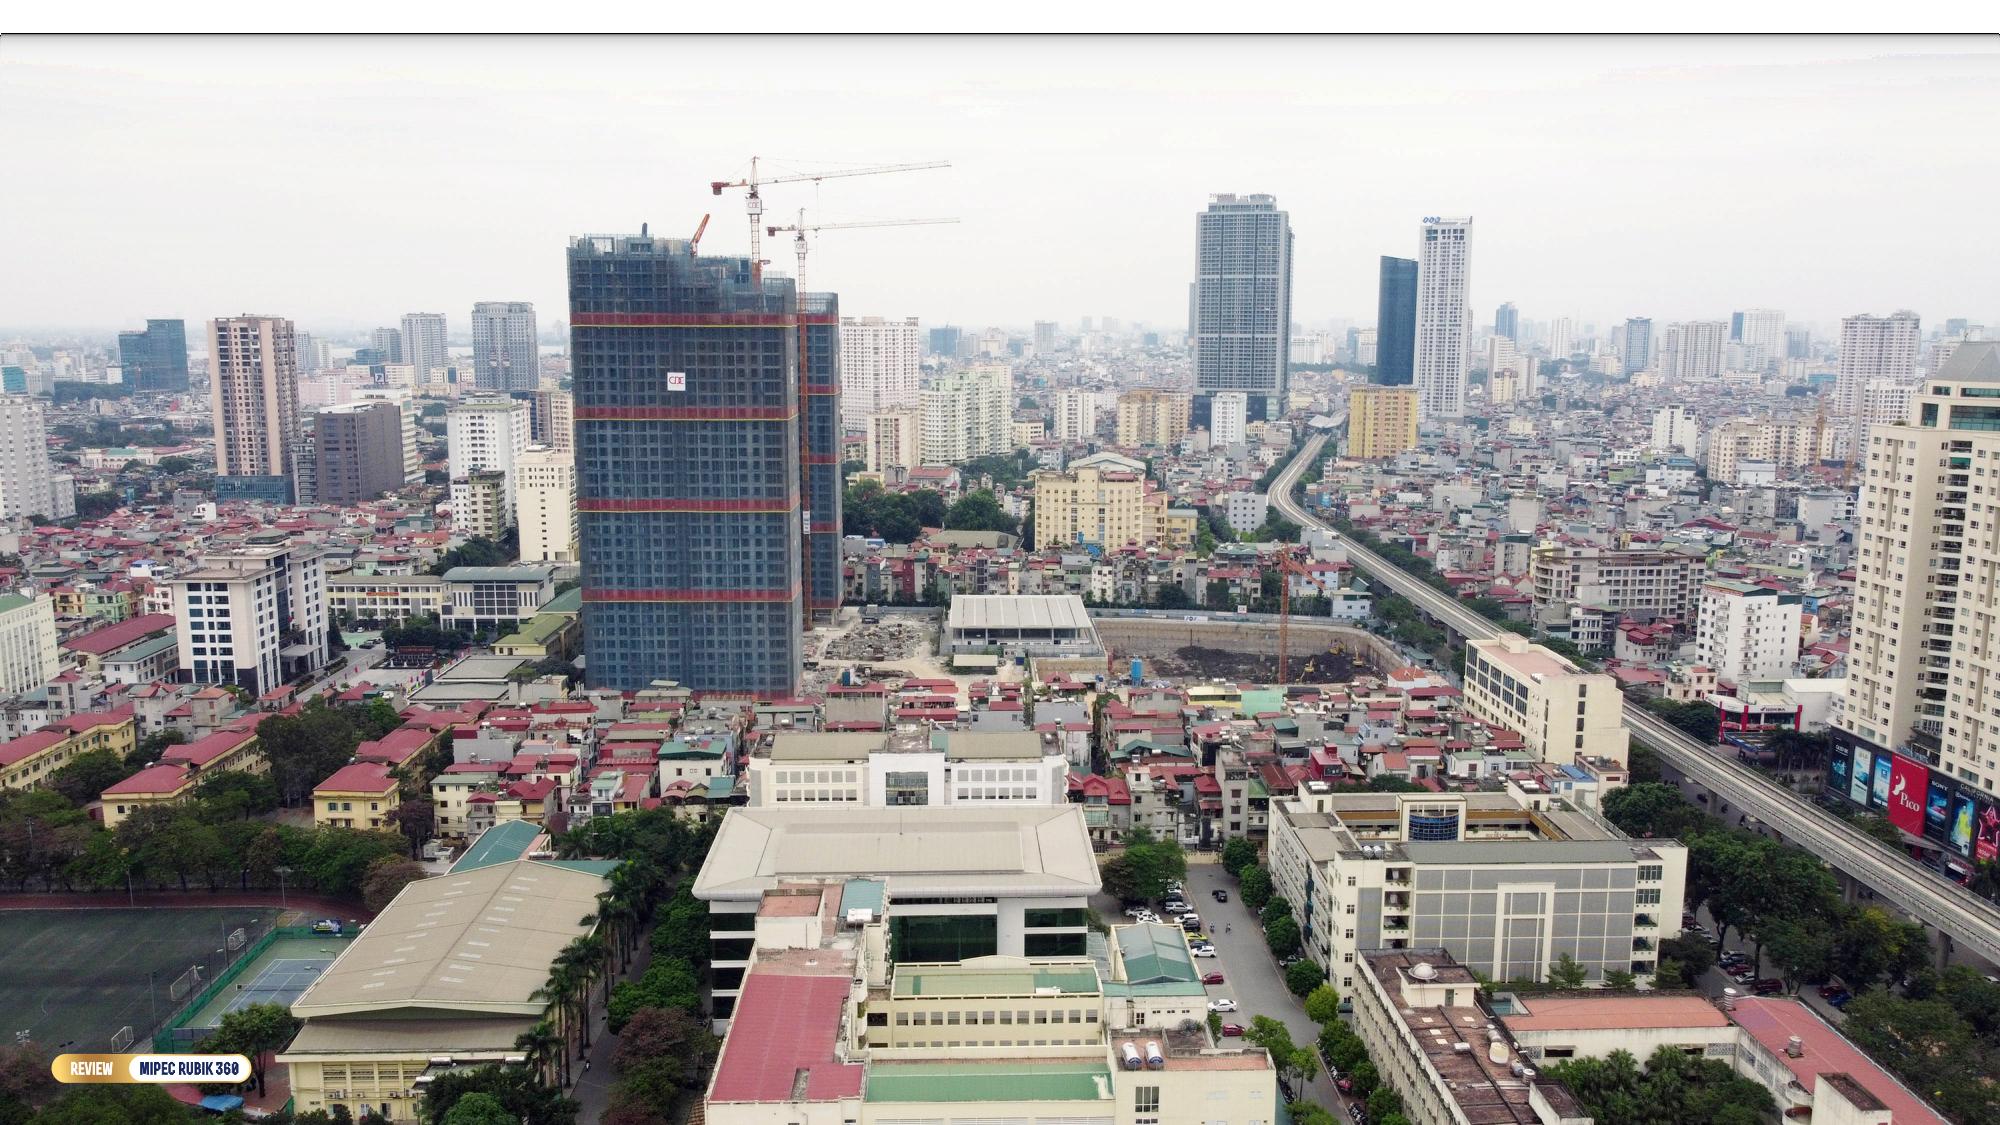 Review dự án Mipec Rubik 360: Tổ hợp biệt thự, chung cư cao tầng hiếm hoi trên trục đường Xuân Thủy - Ảnh 1.